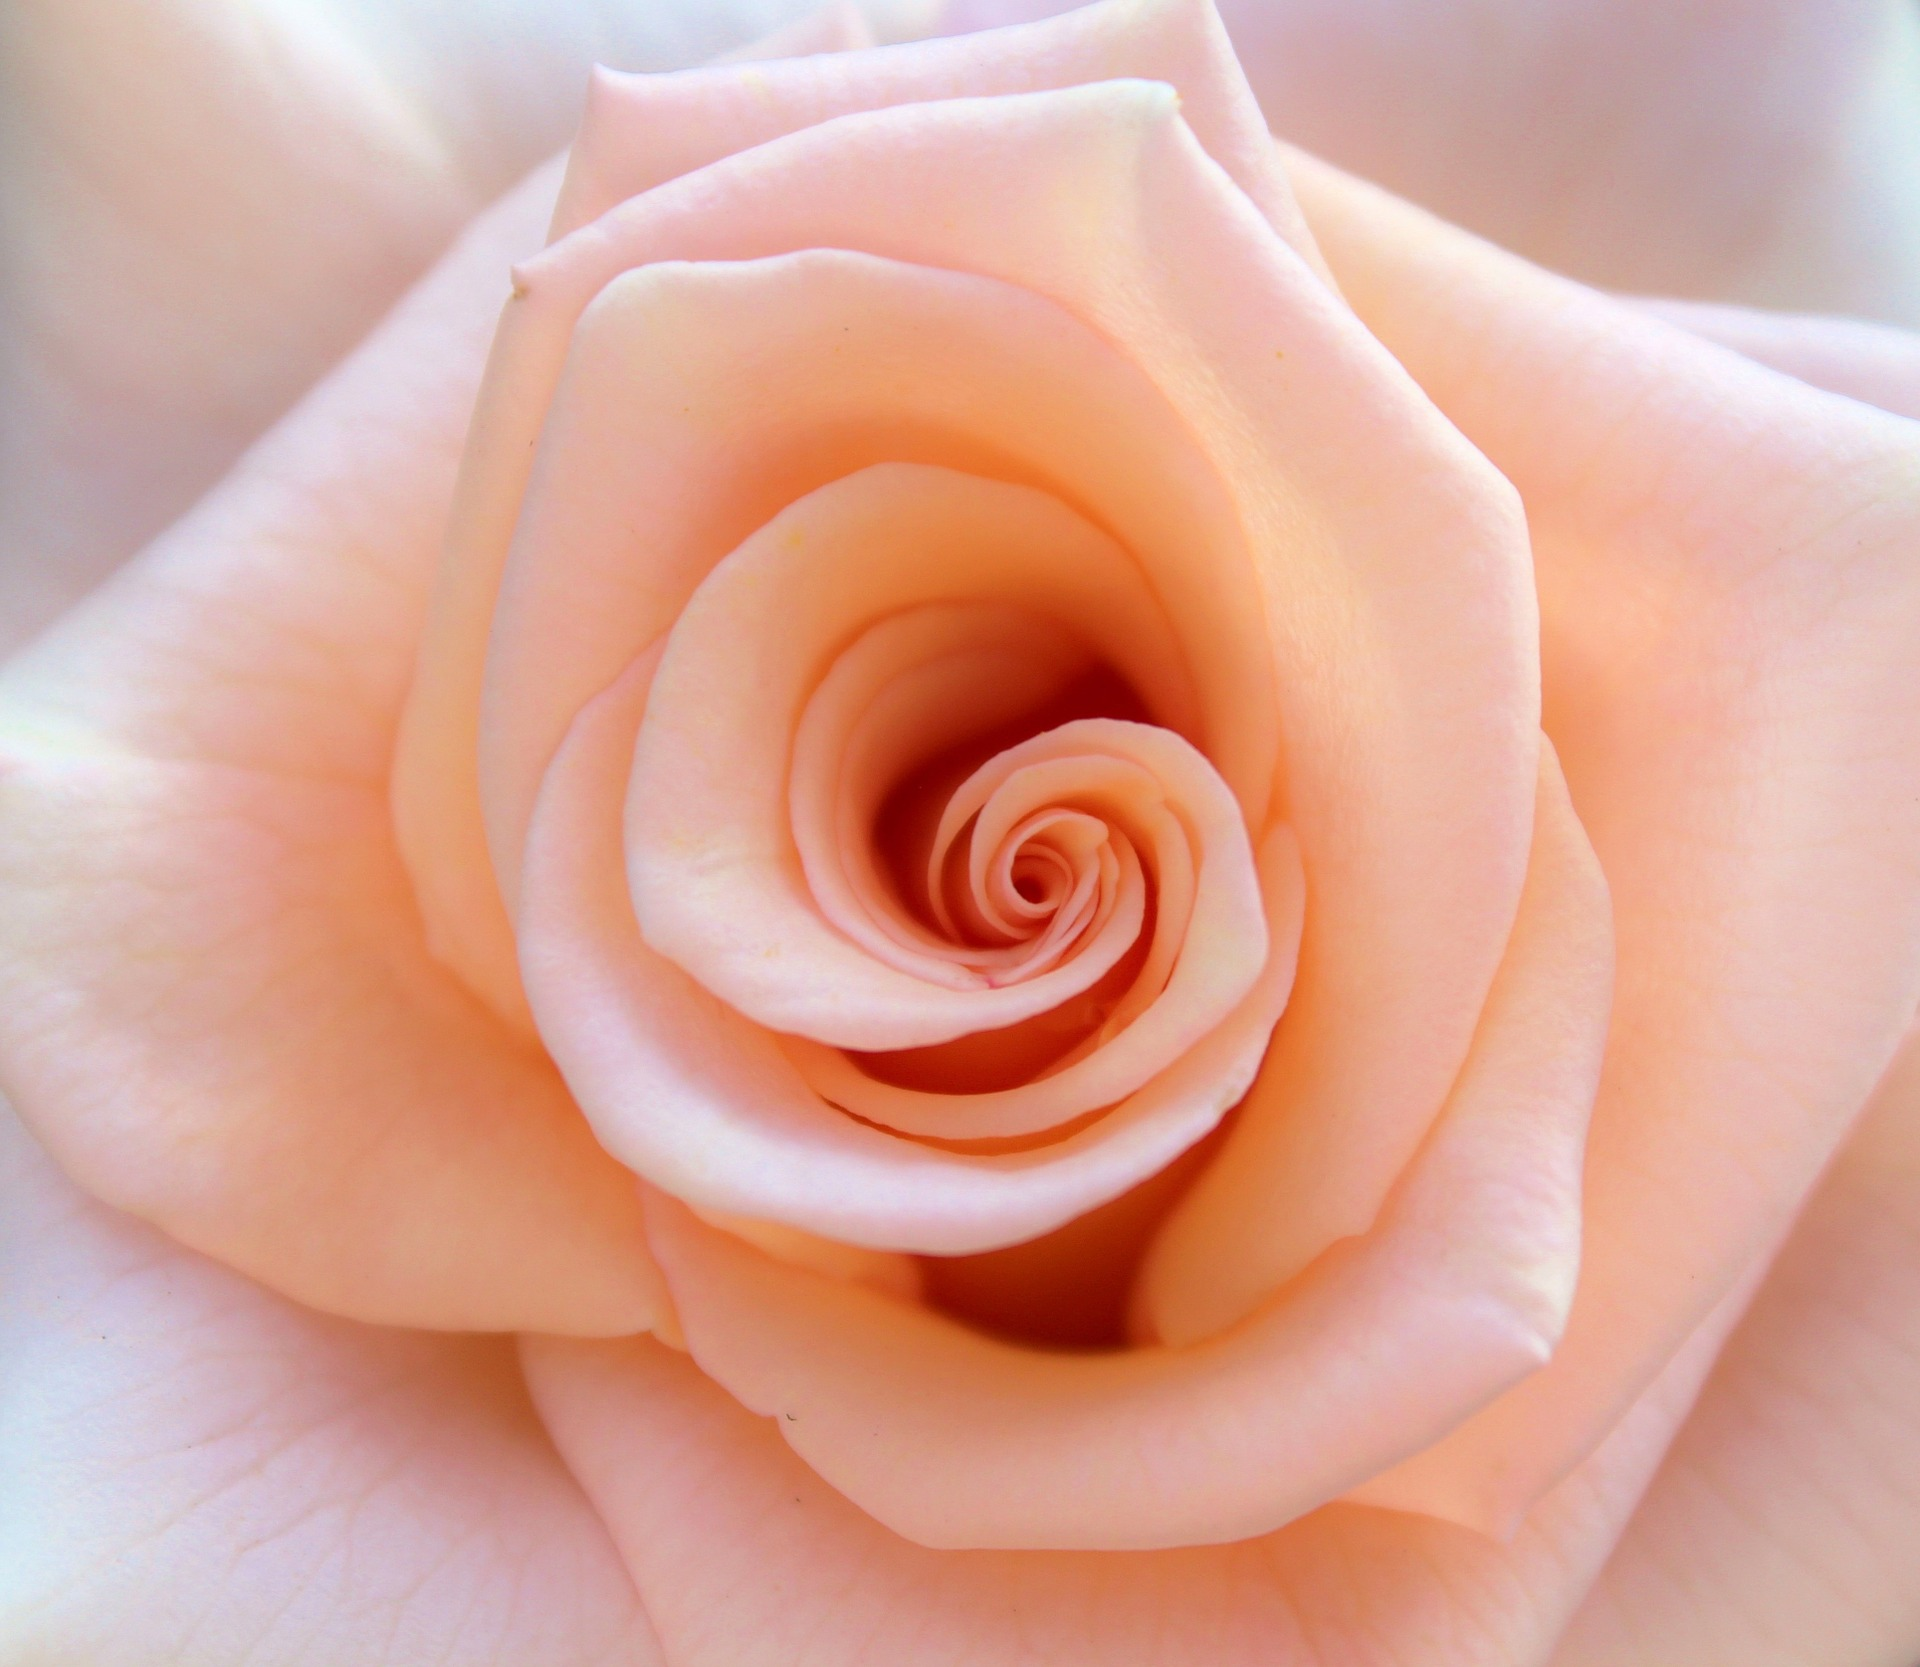 rose-851950_1920